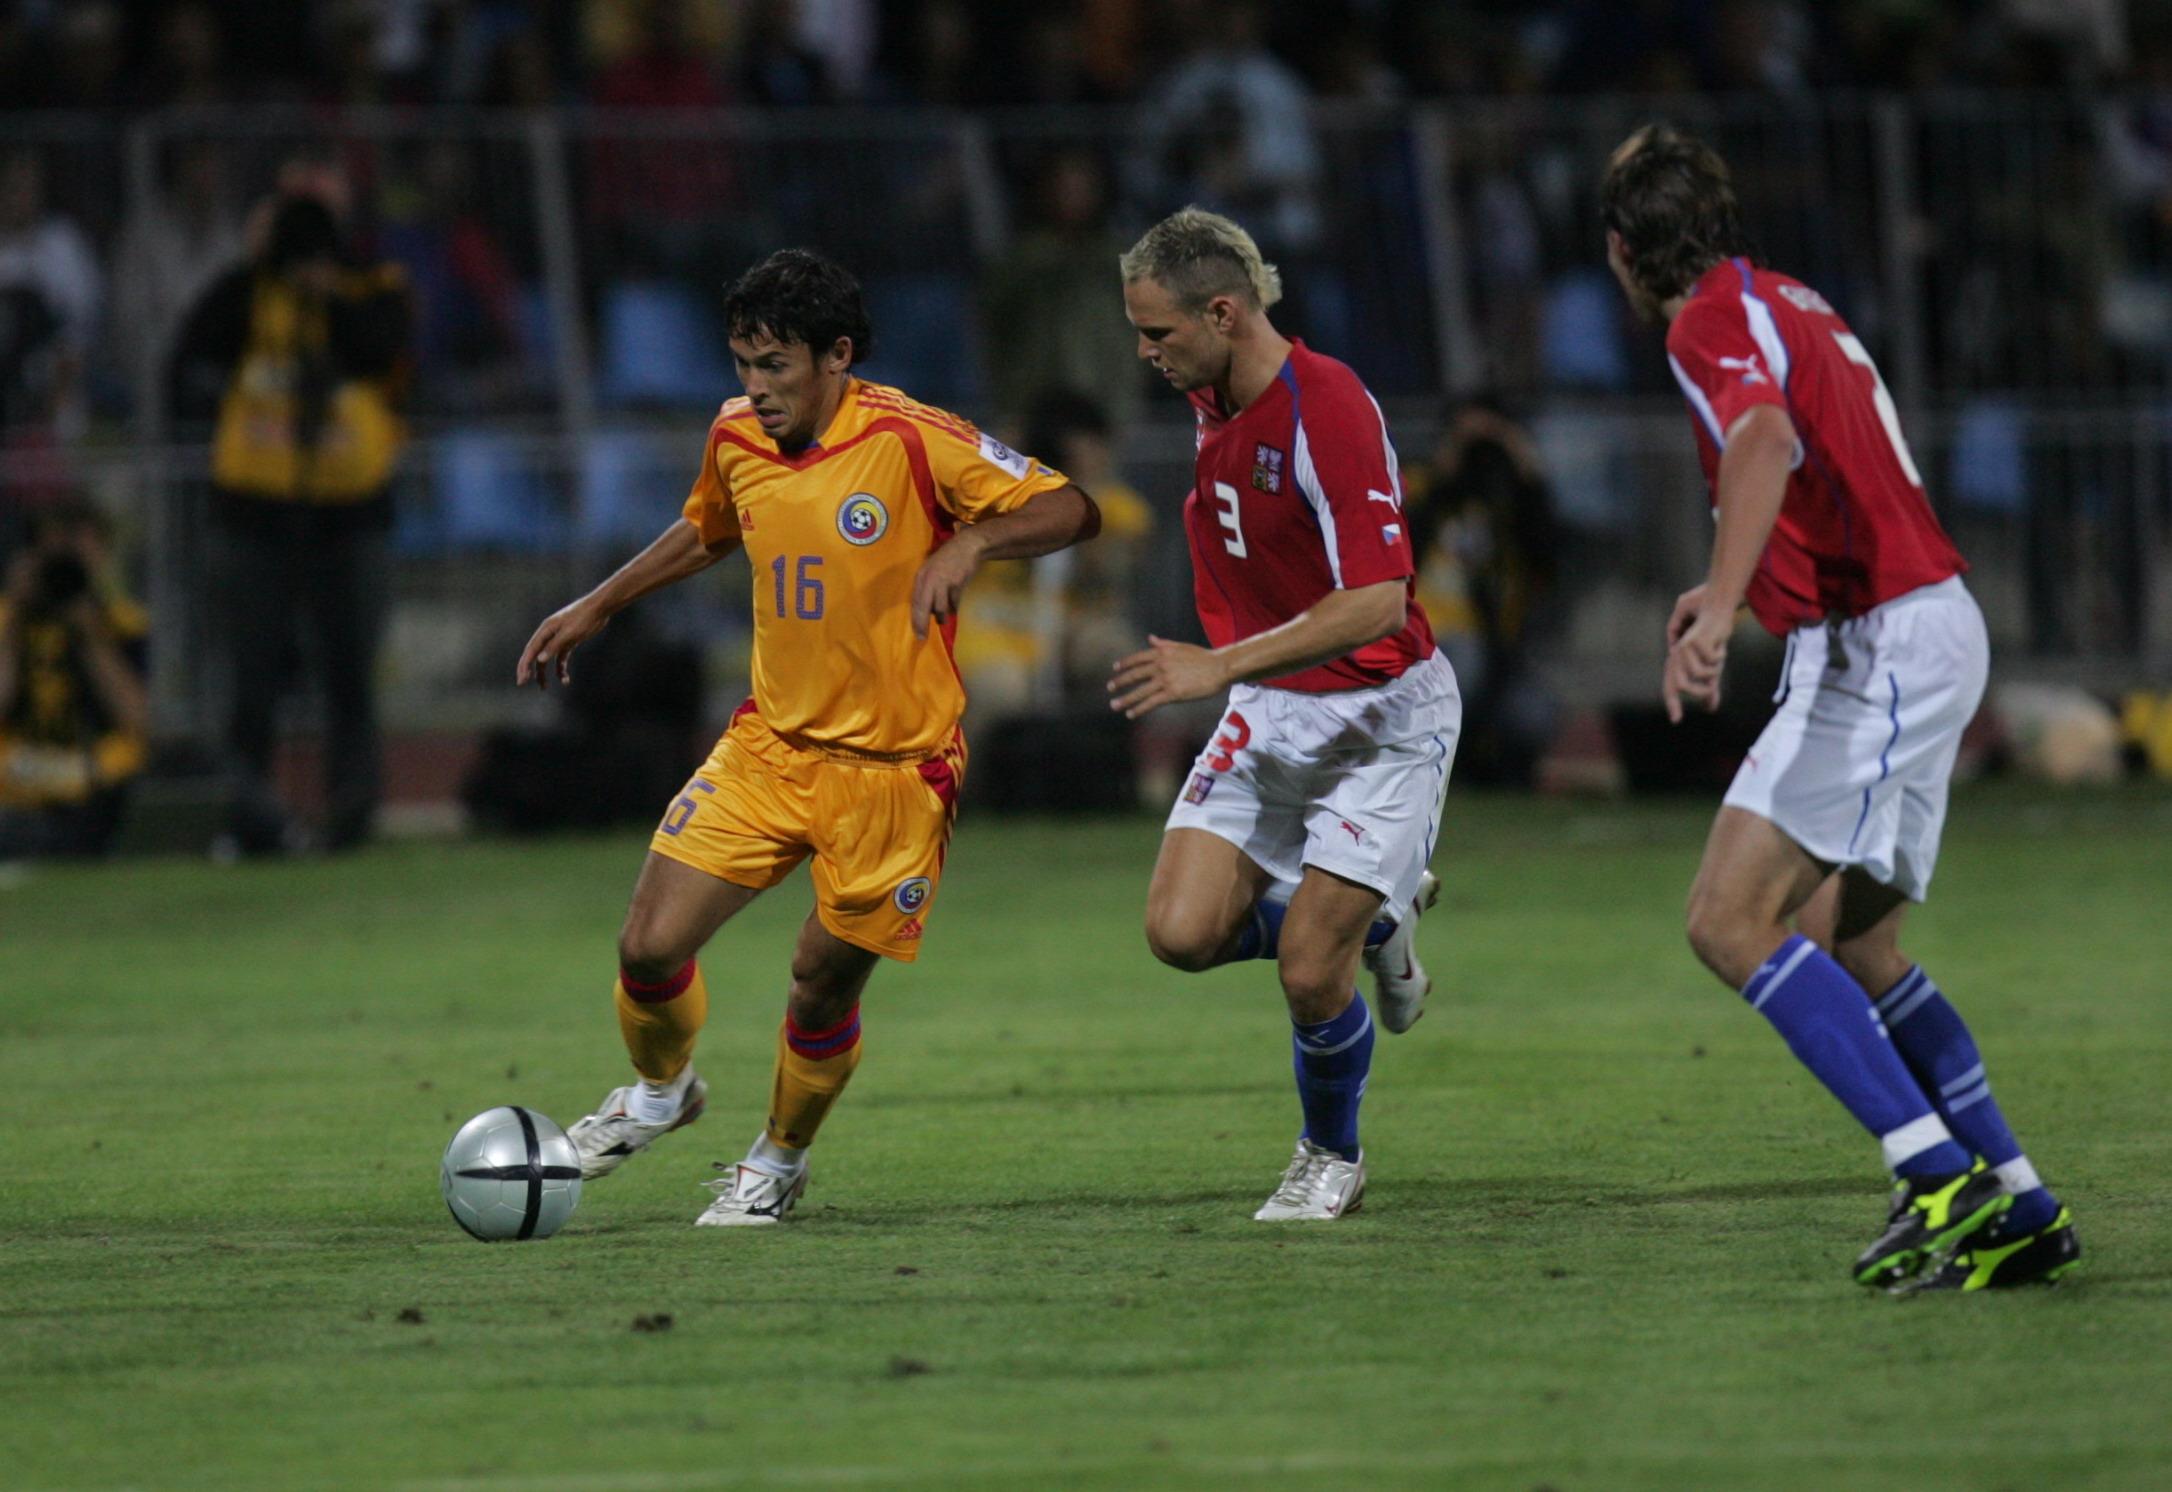 Paul Codrea fotbalist